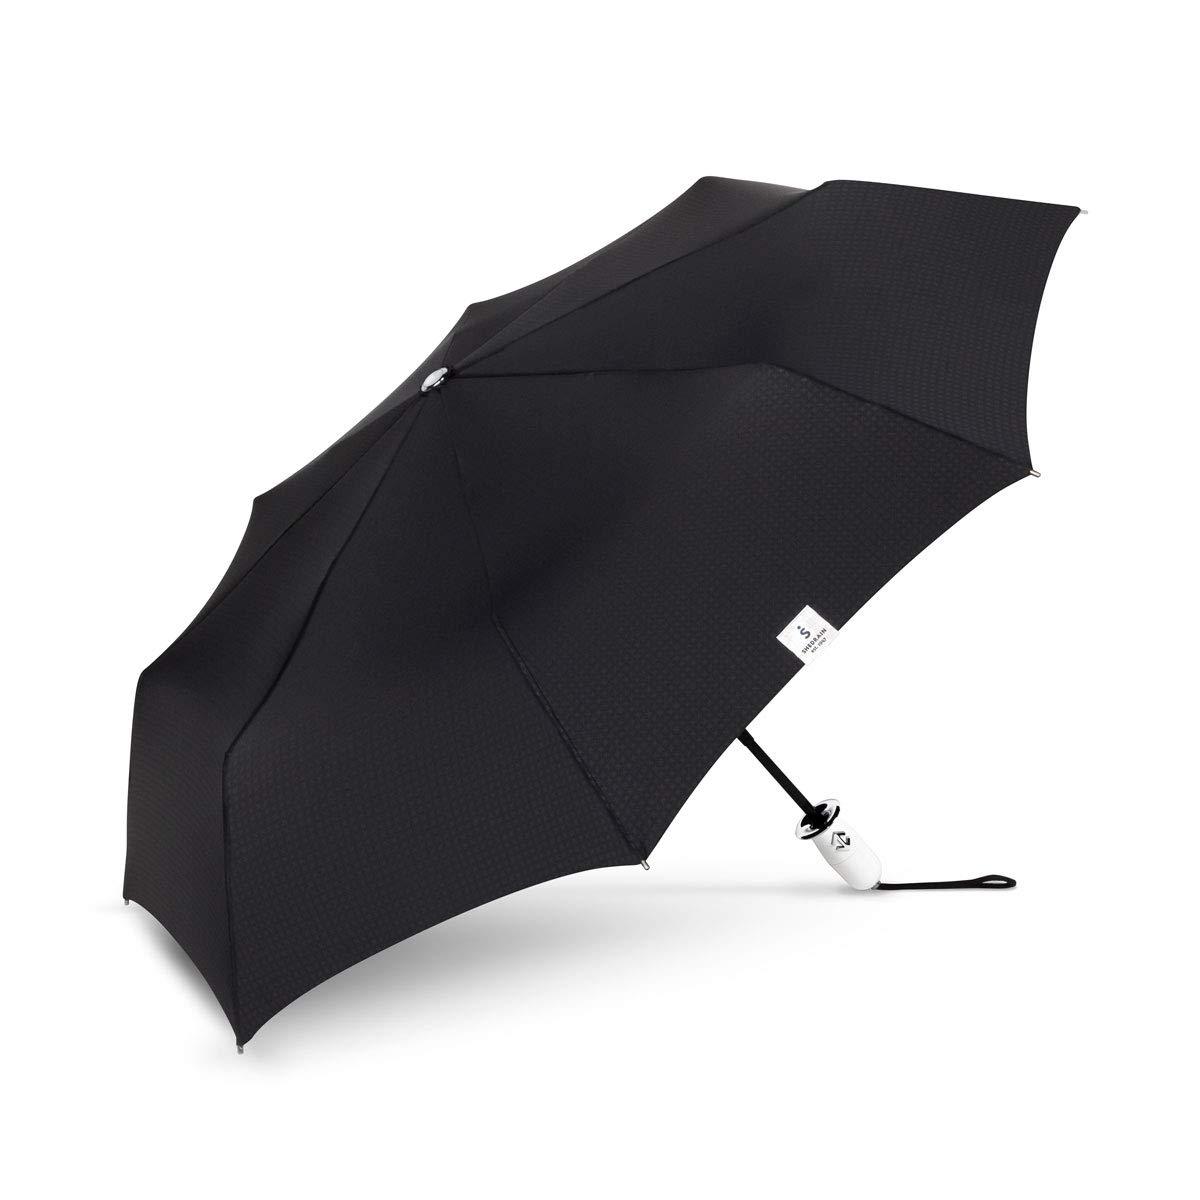 壊れにくい傘 ブラック デュアルマティック ホワイト ハンドル/グリップ コンパクト 傘   B07KCBG6PD